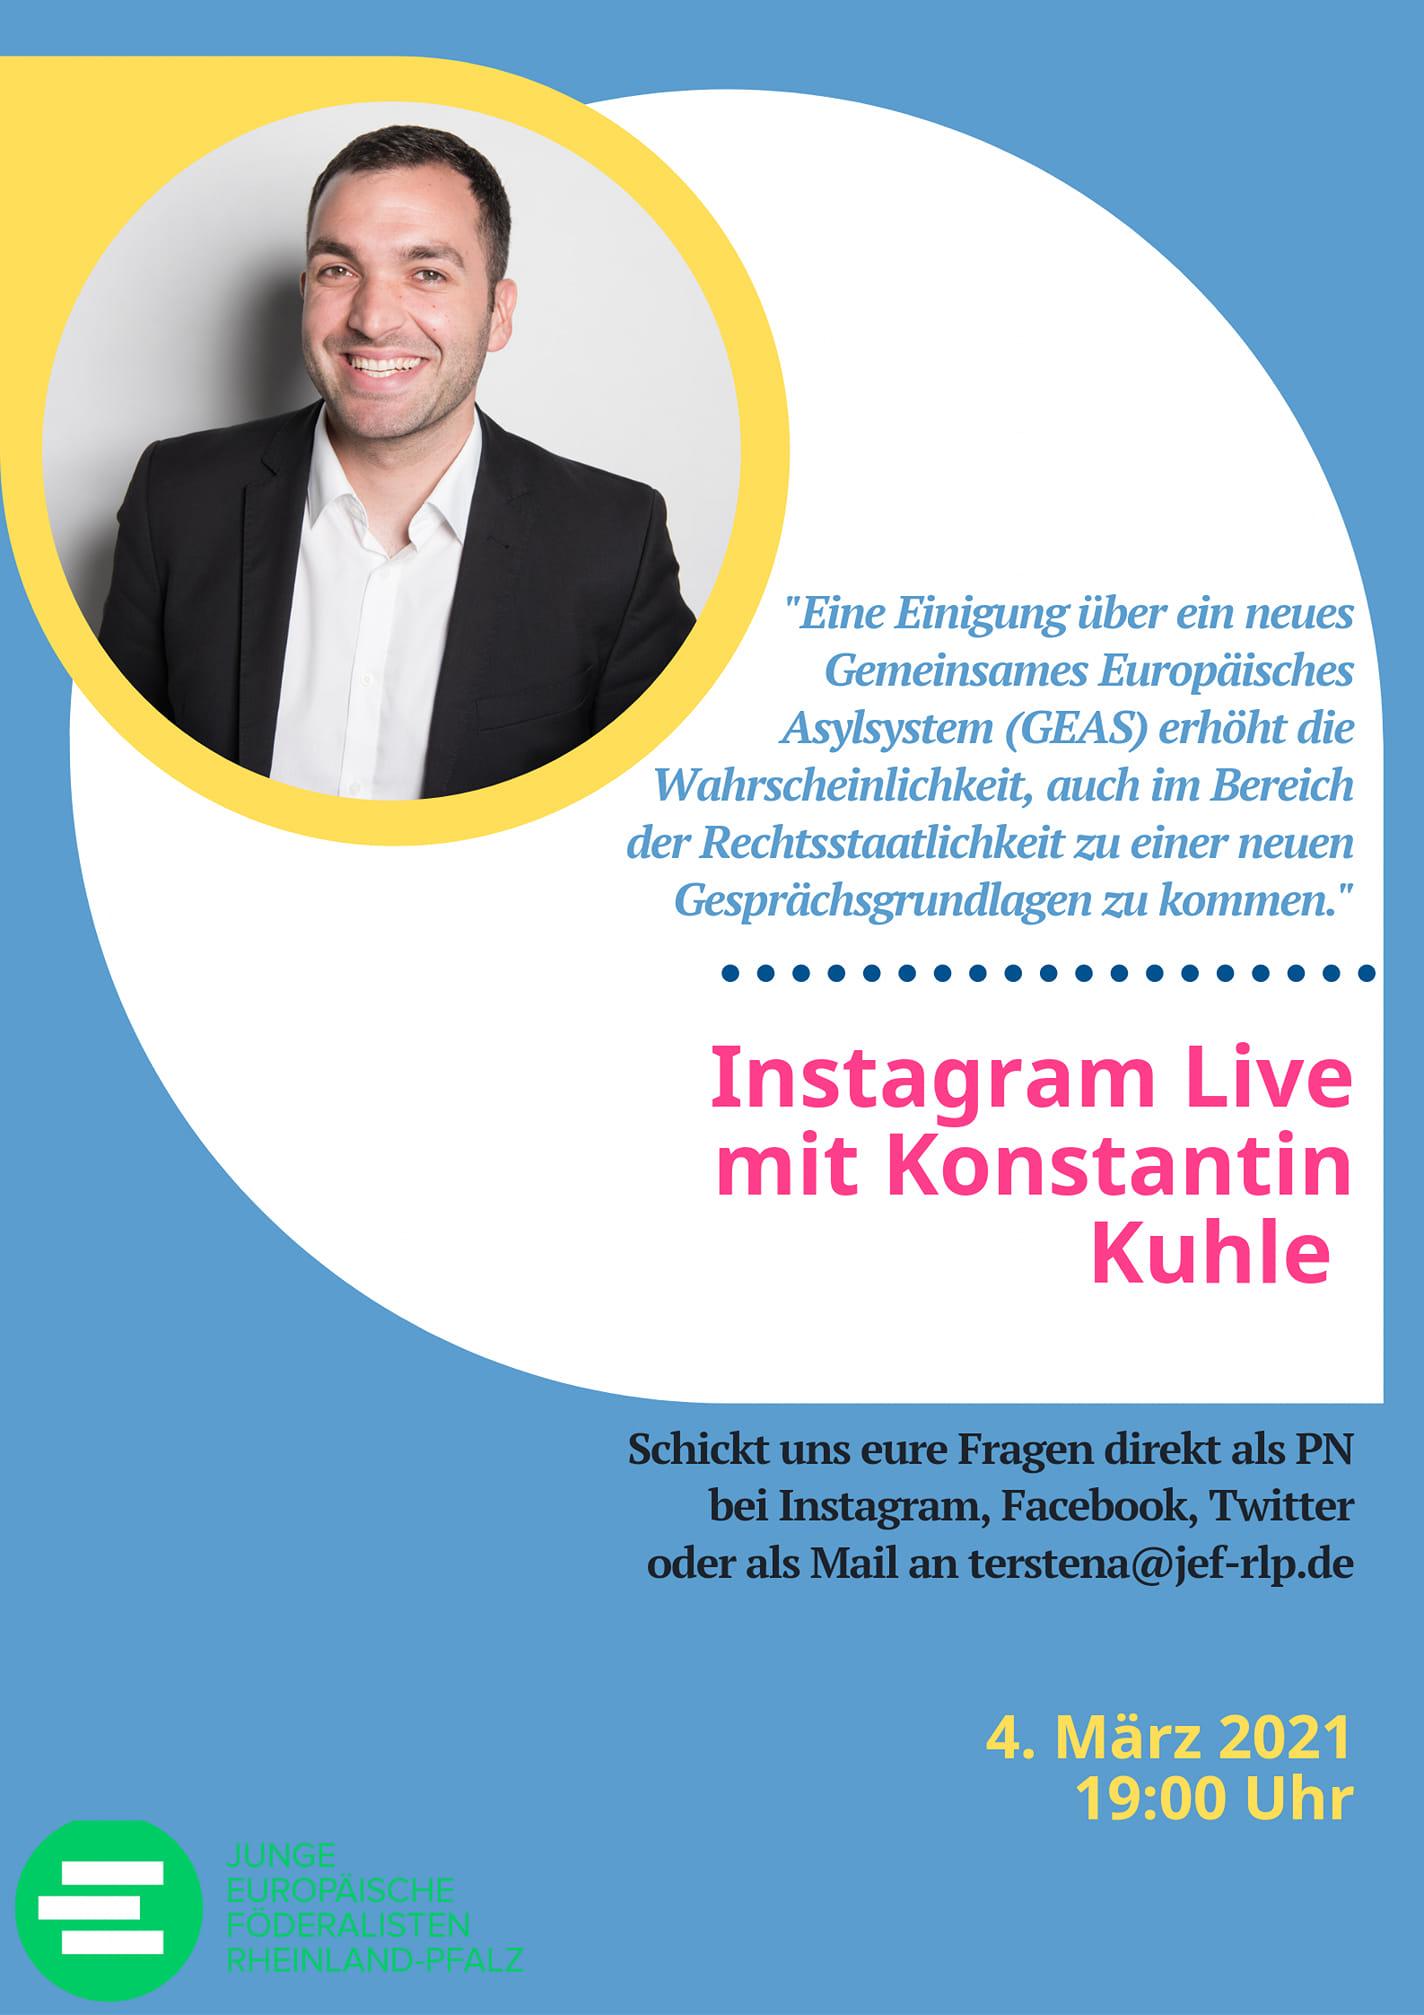 Instagram Live Konstantin Kuhle